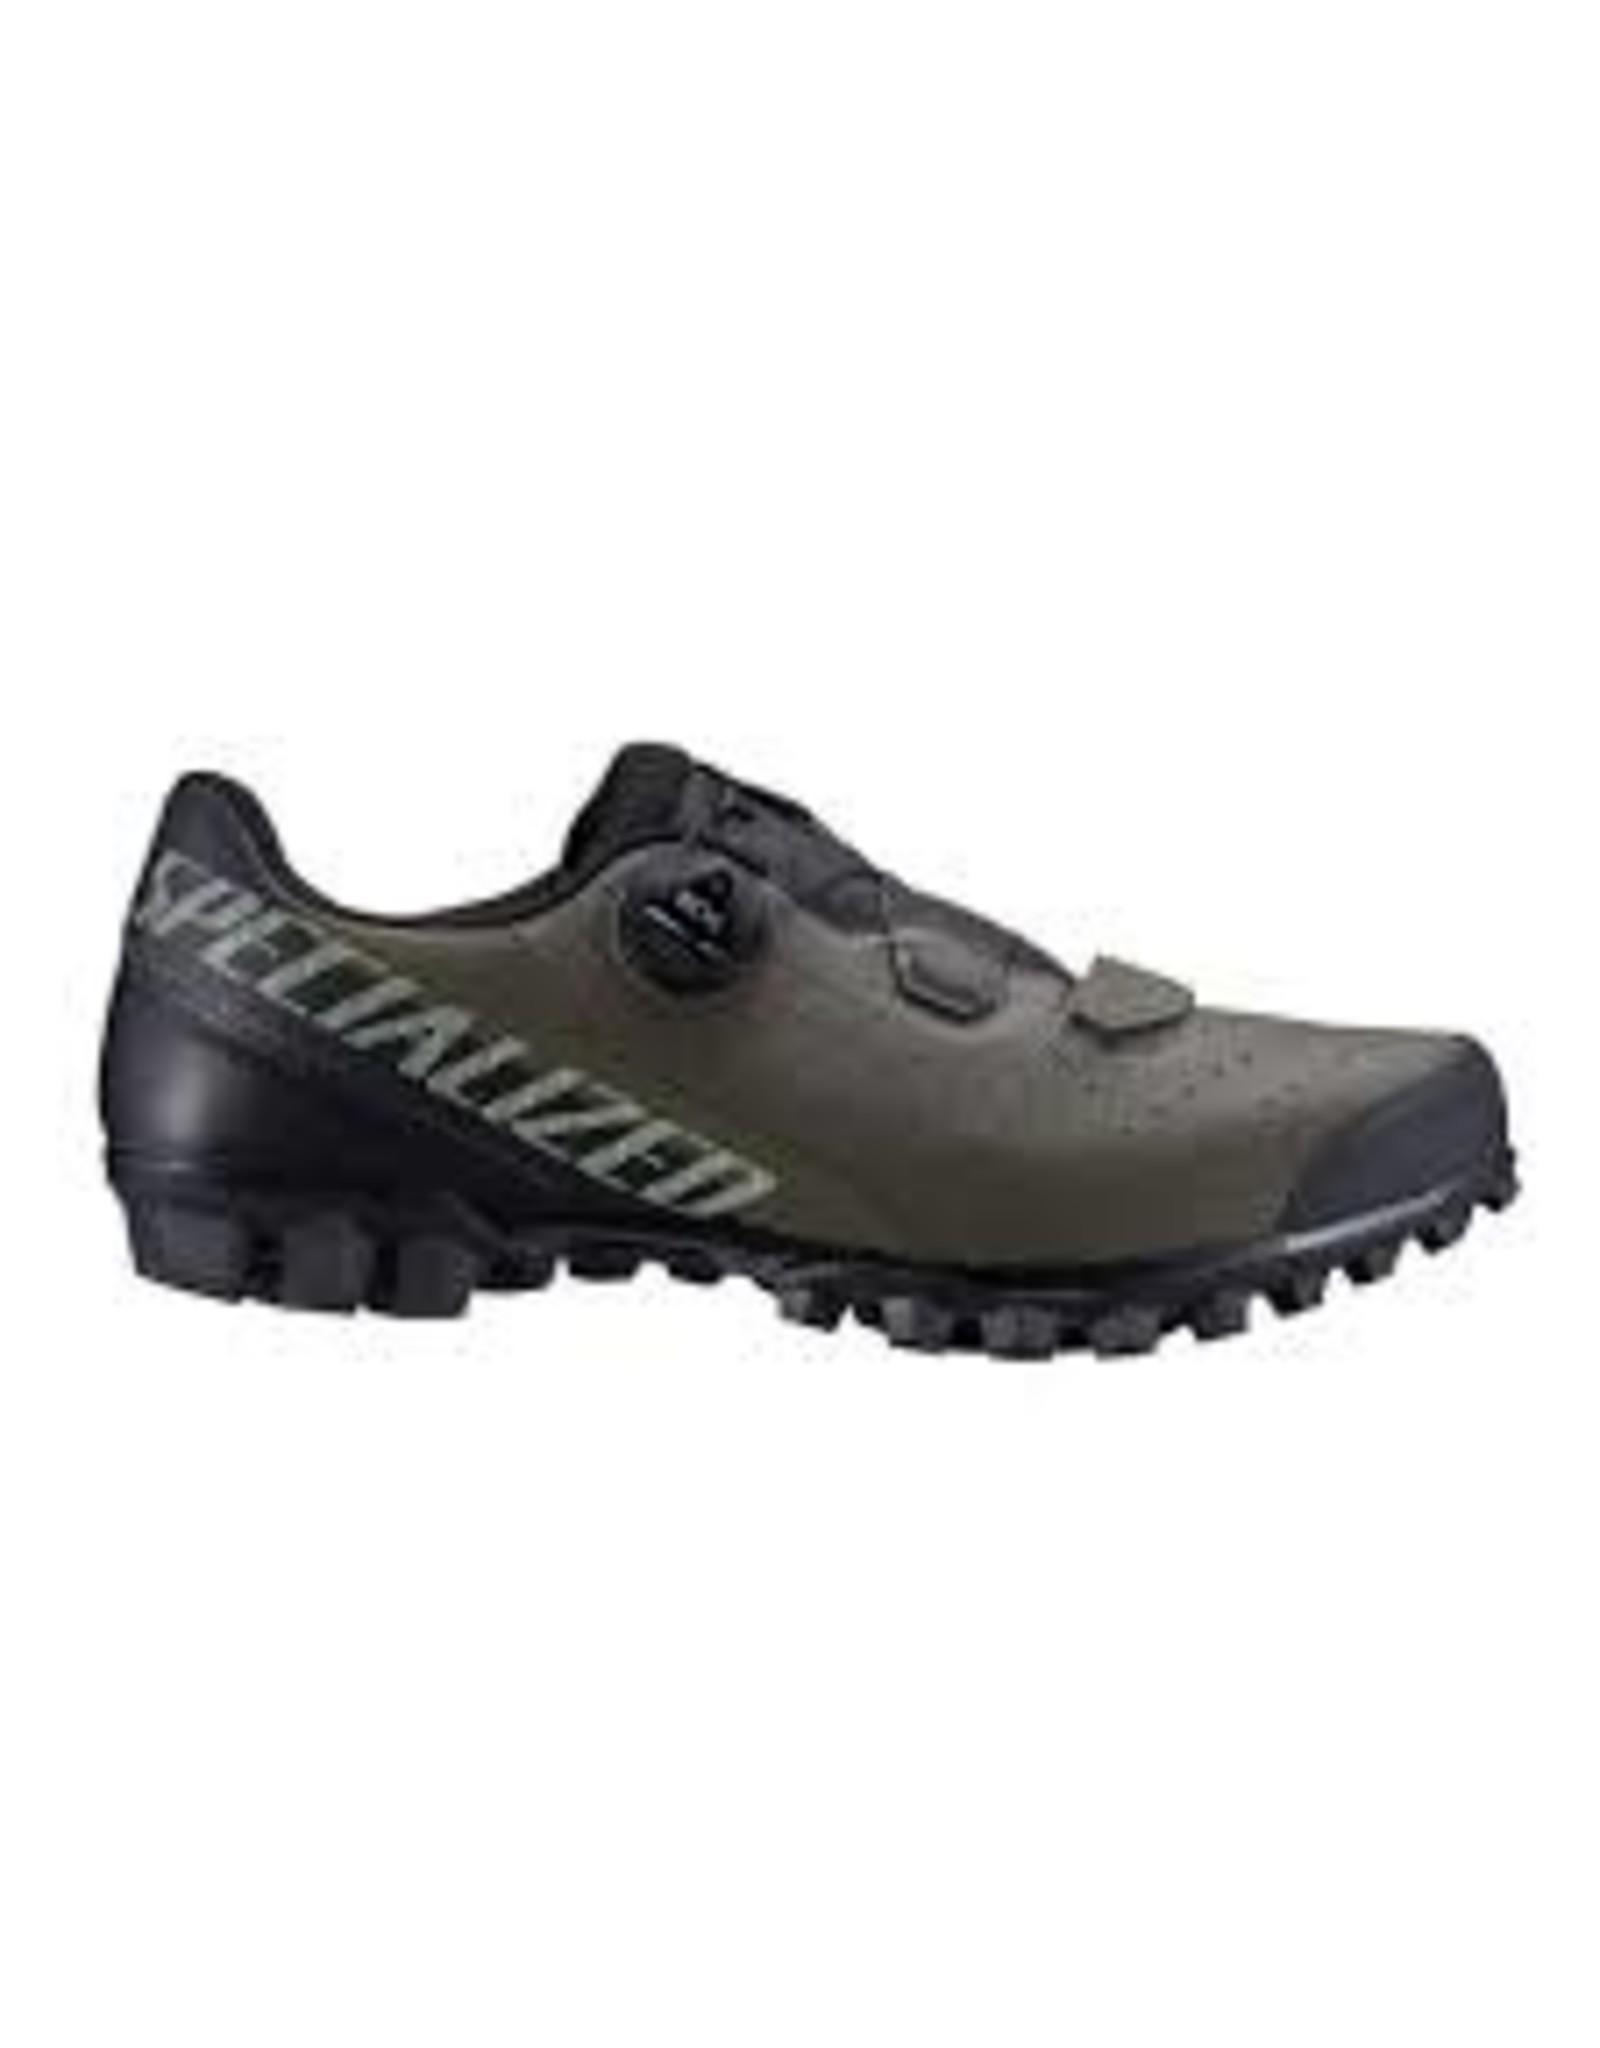 Specialized Spec Shoe Recon 2.0 MTB Blk 46